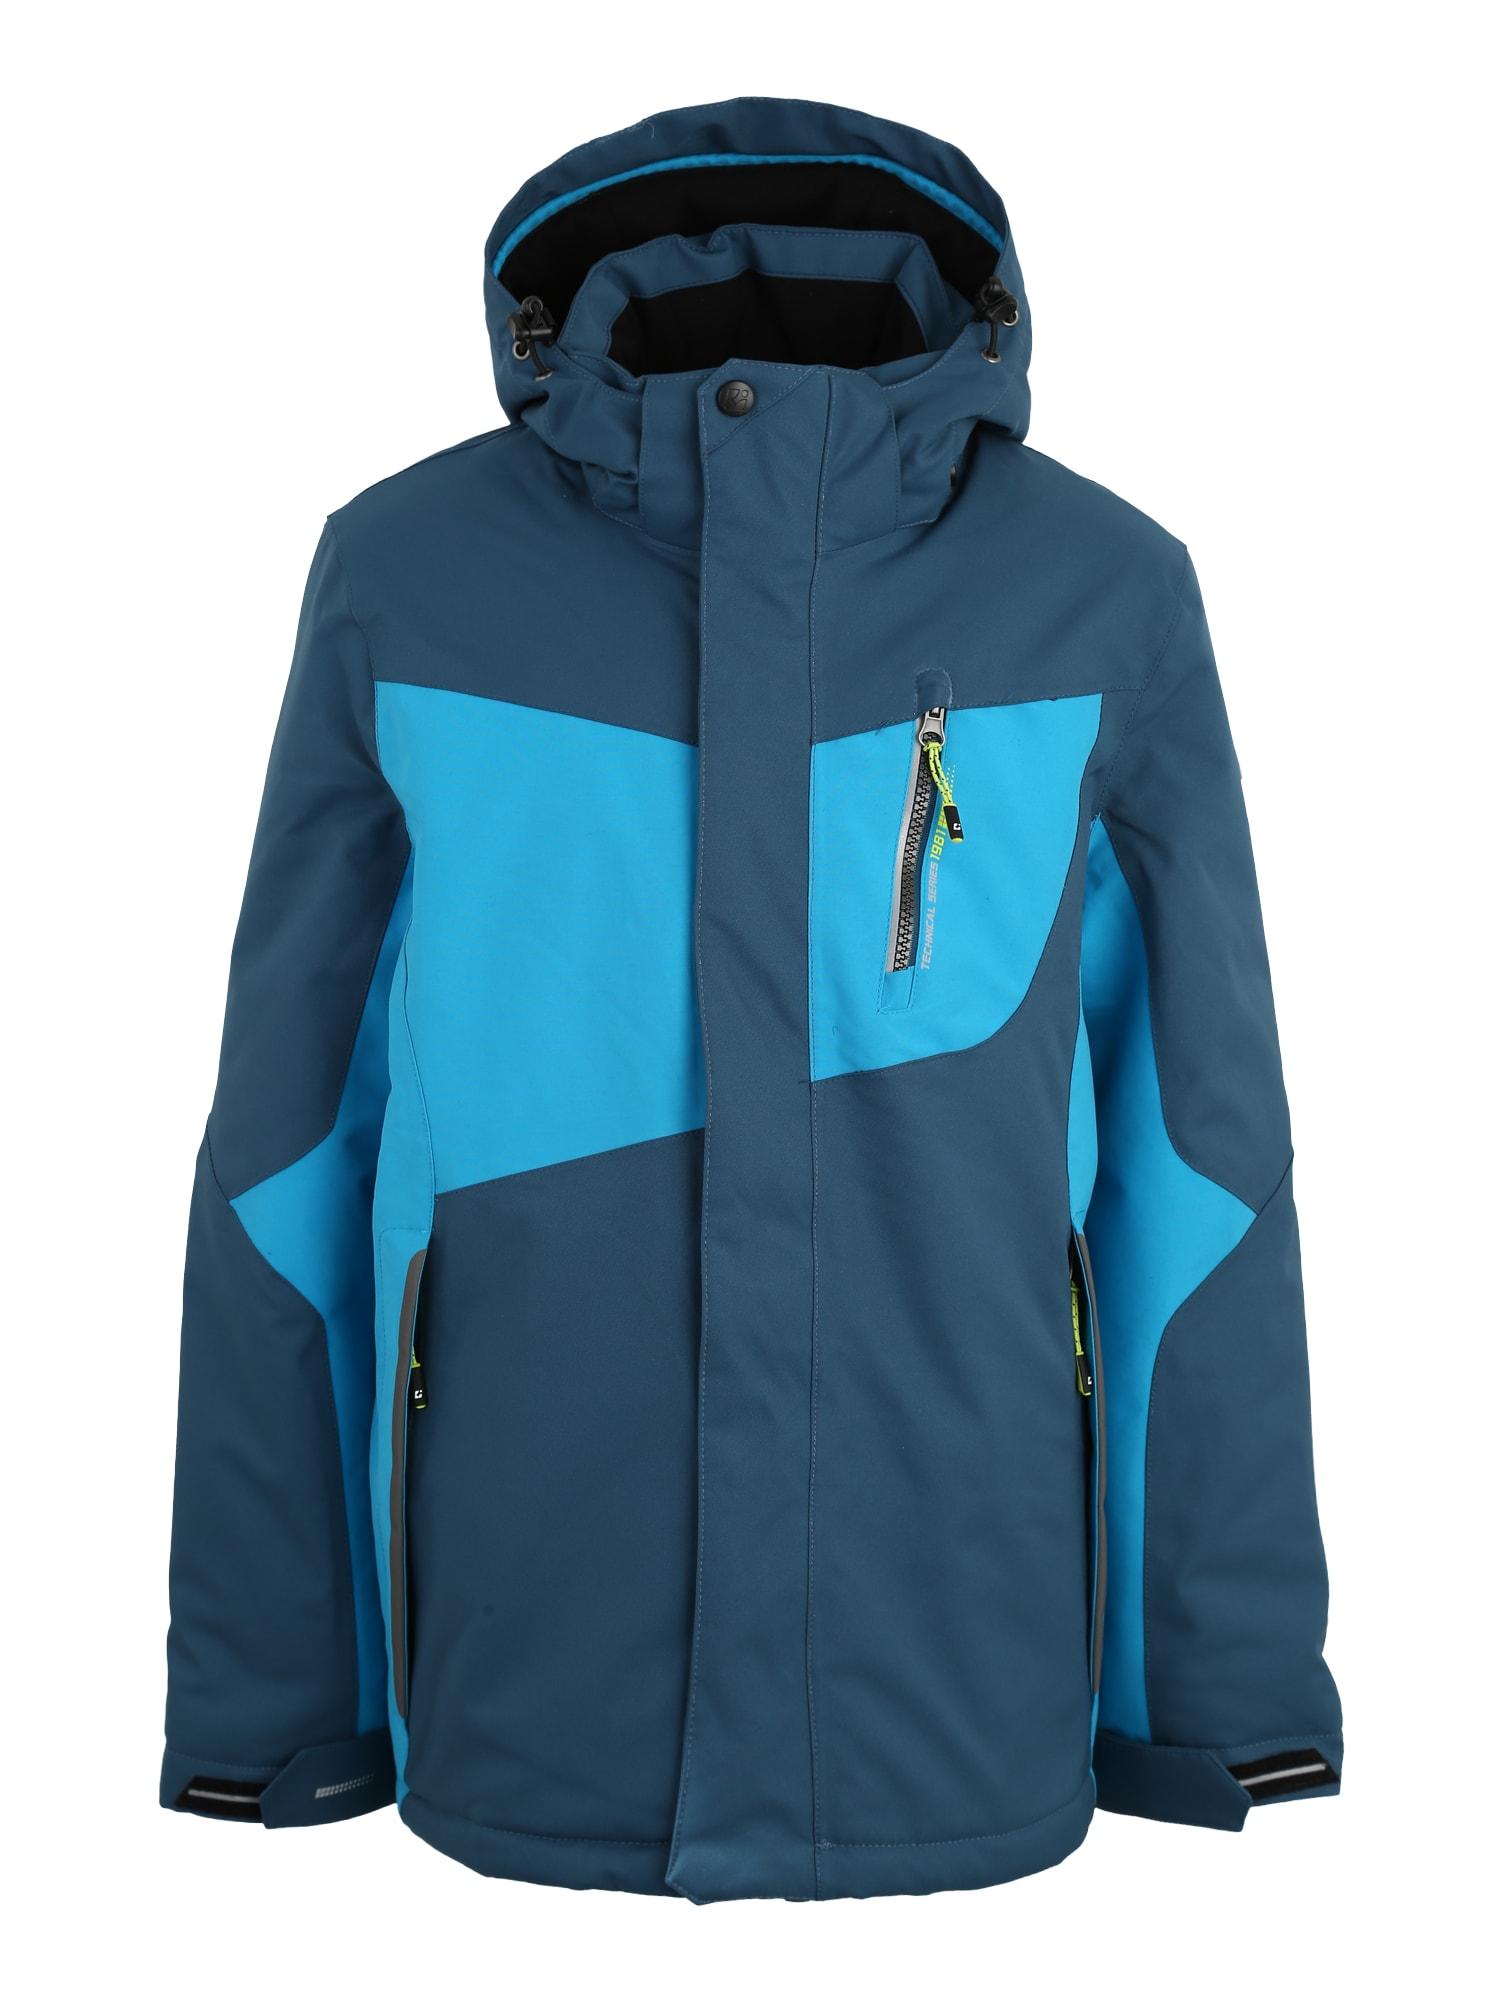 Outdoorová bunda Layto aqua modrá tmavě modrá KILLTEC